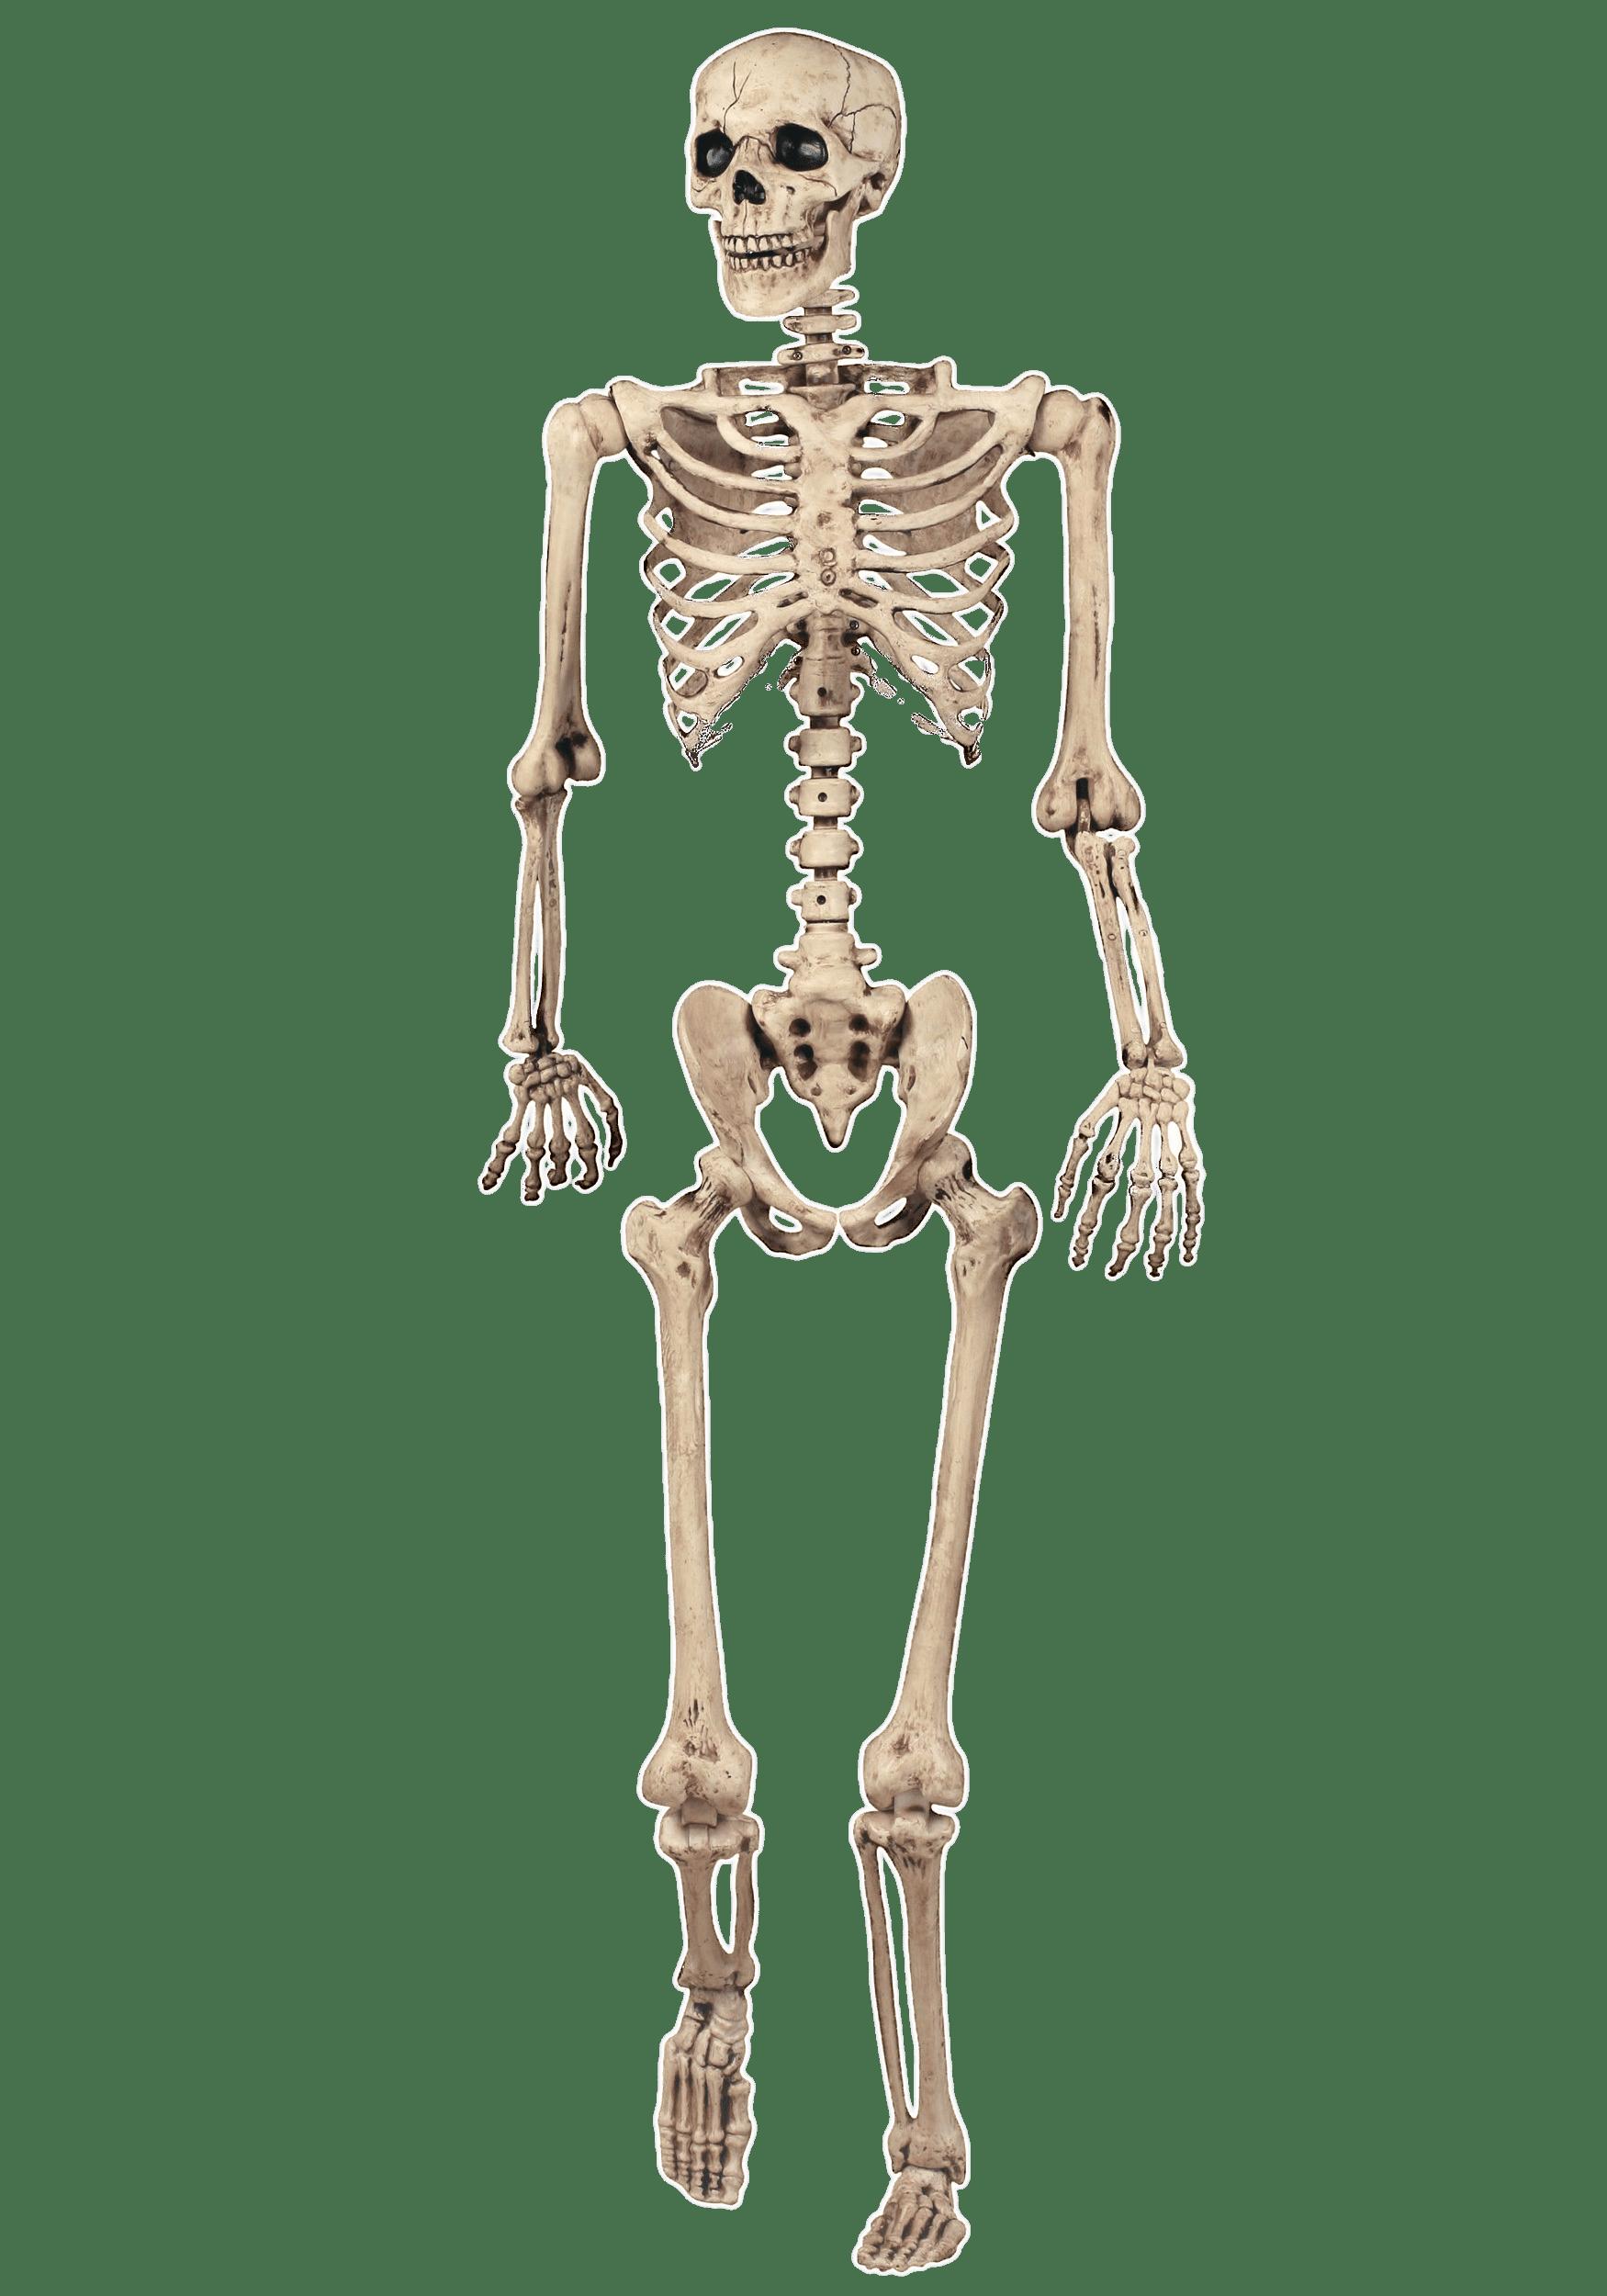 Full Skeleton Model transparent PNG - StickPNG